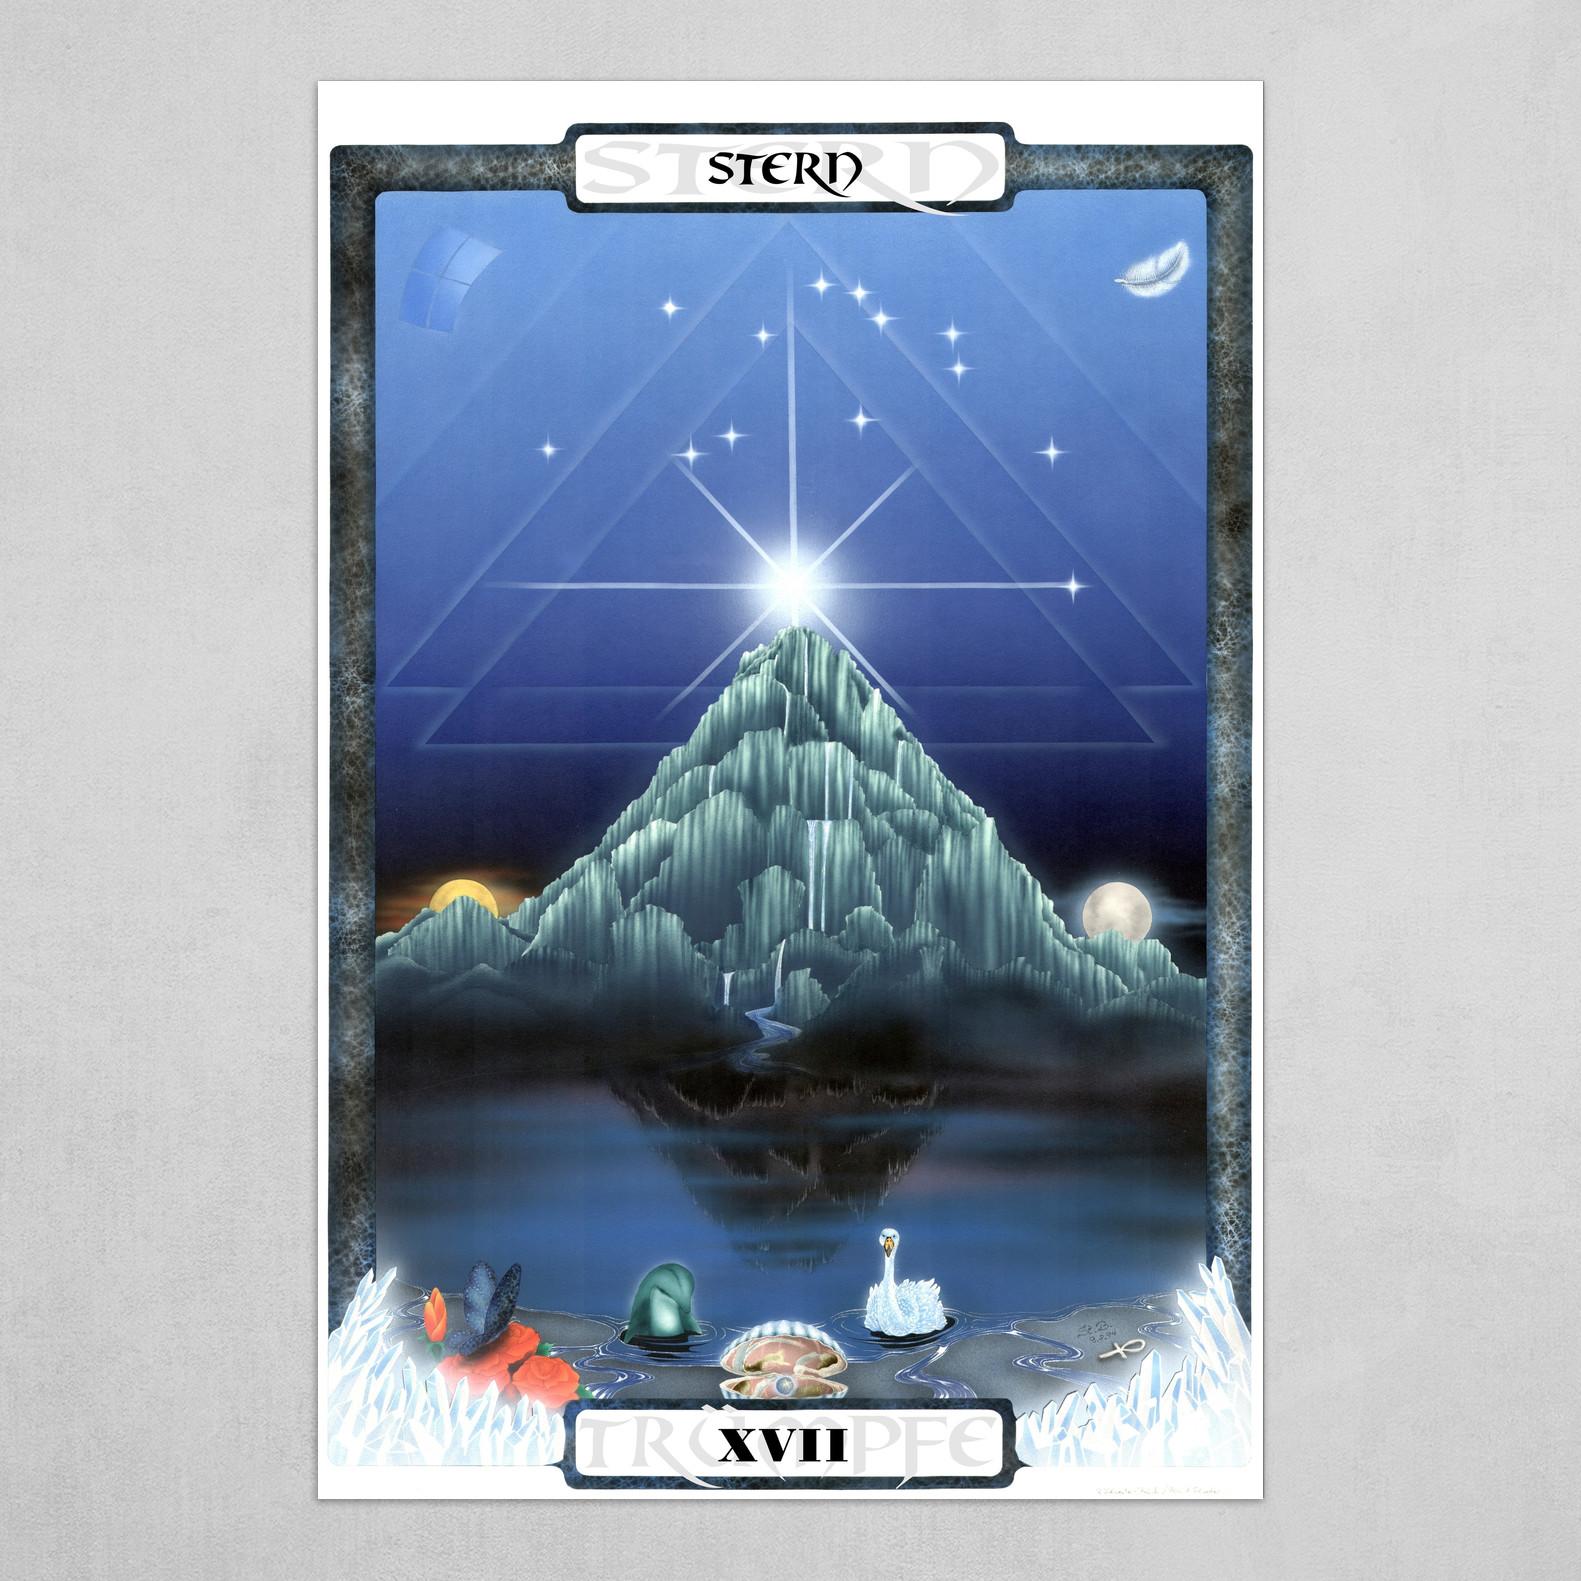 Der Stern - The Star